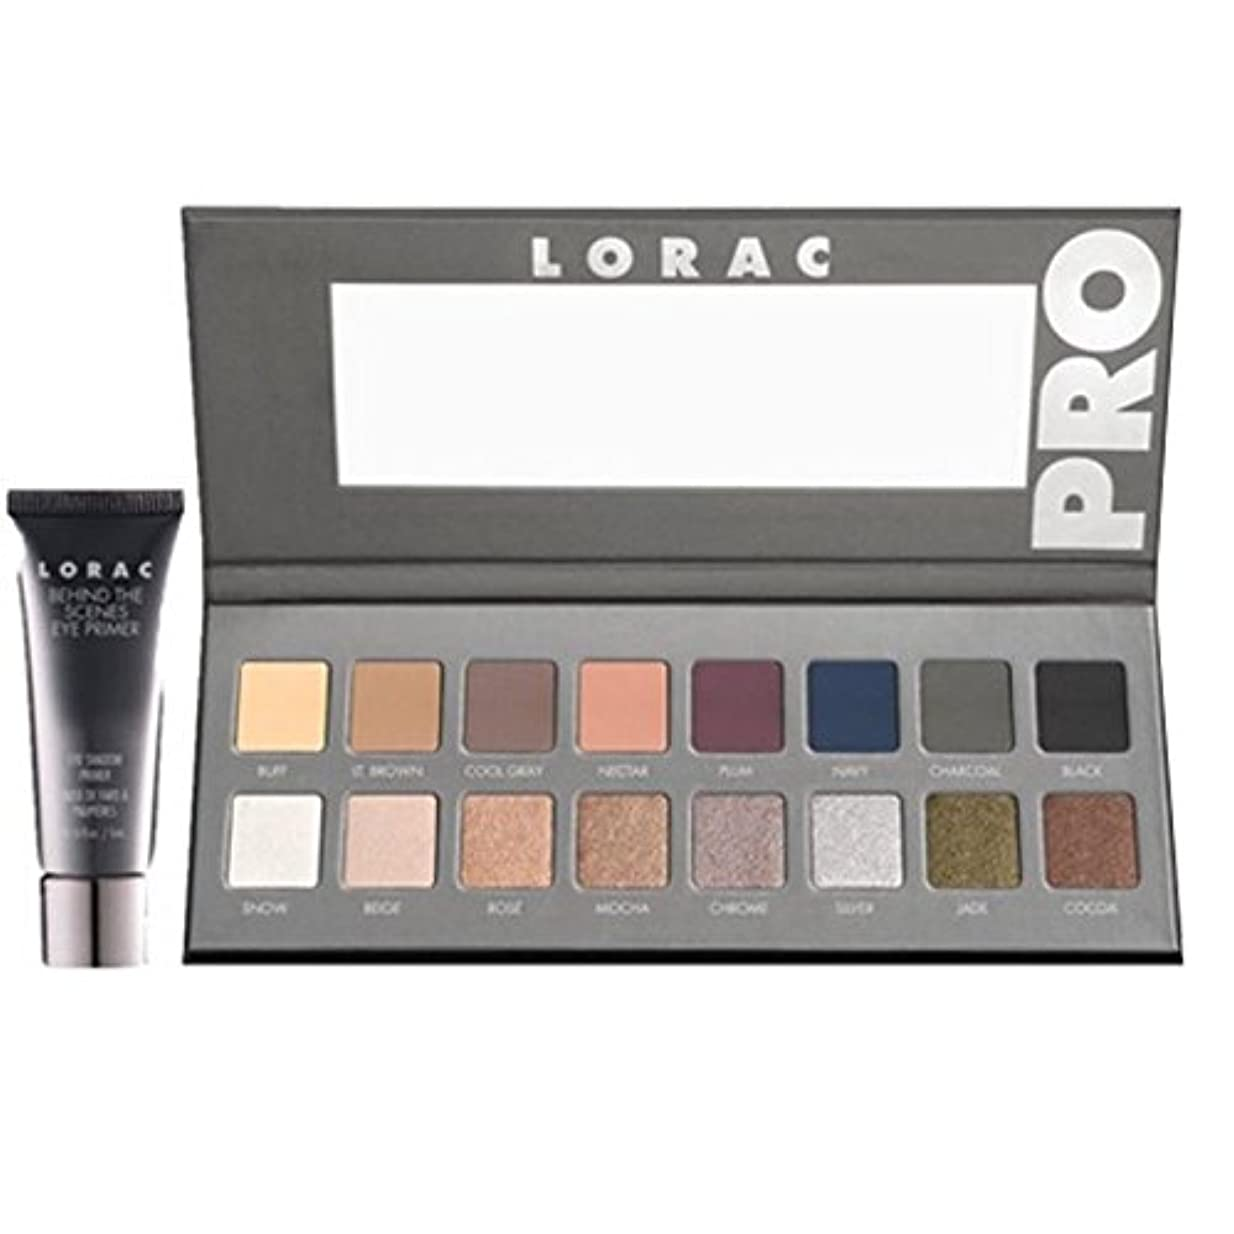 サンプル劇作家思春期のLORAC, 'PRO' Palette 2 /プロのアイメイク シャドウパレット16色 [並行輸入品] [海外直送品]